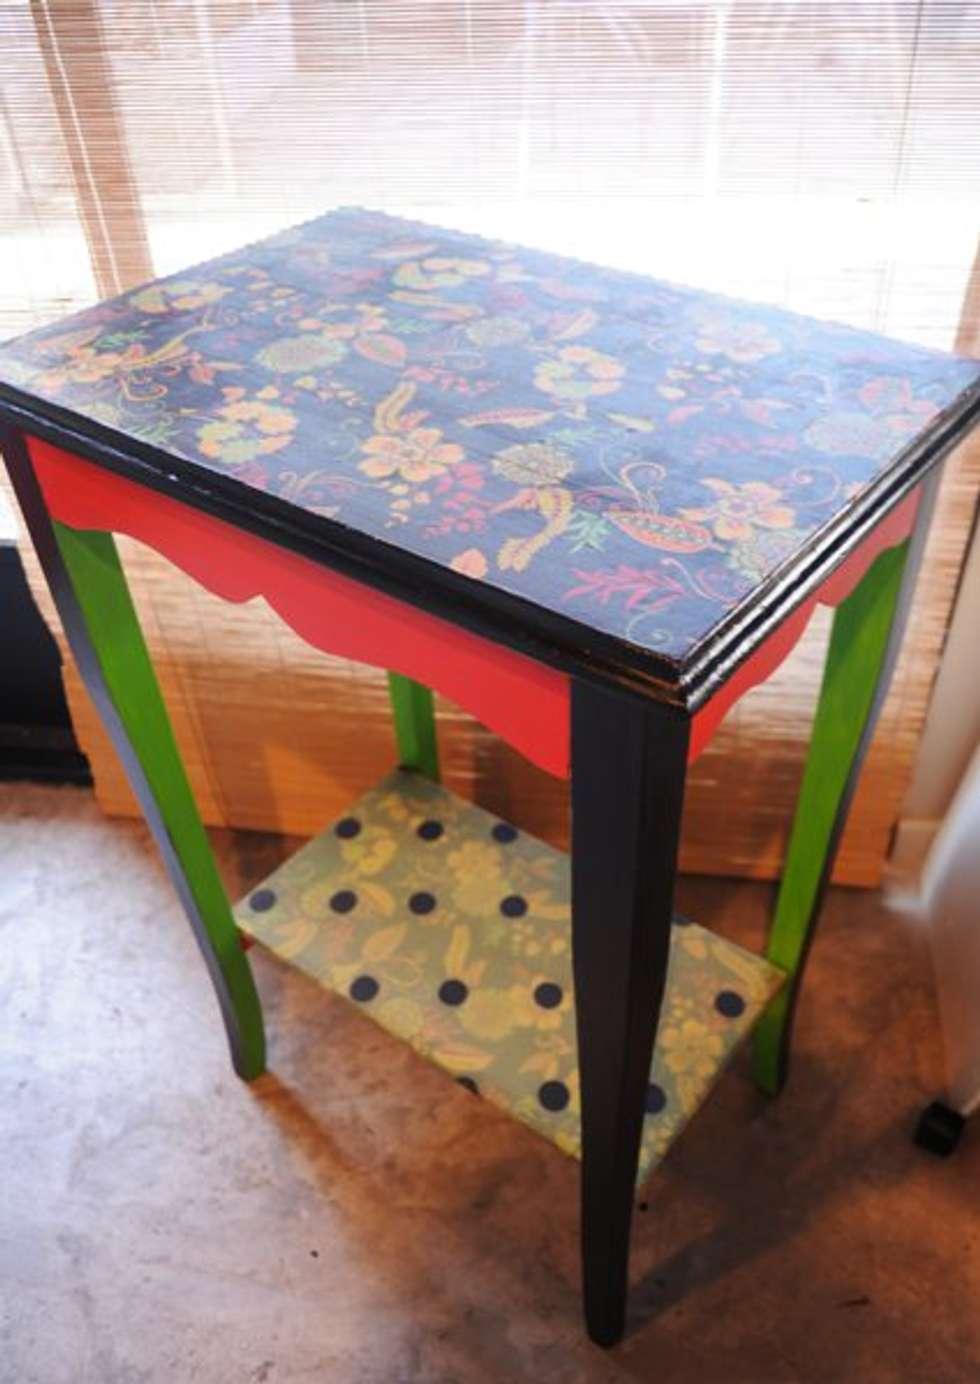 Fotos de decoraci n y dise o de interiores homify for Fotos muebles reciclados